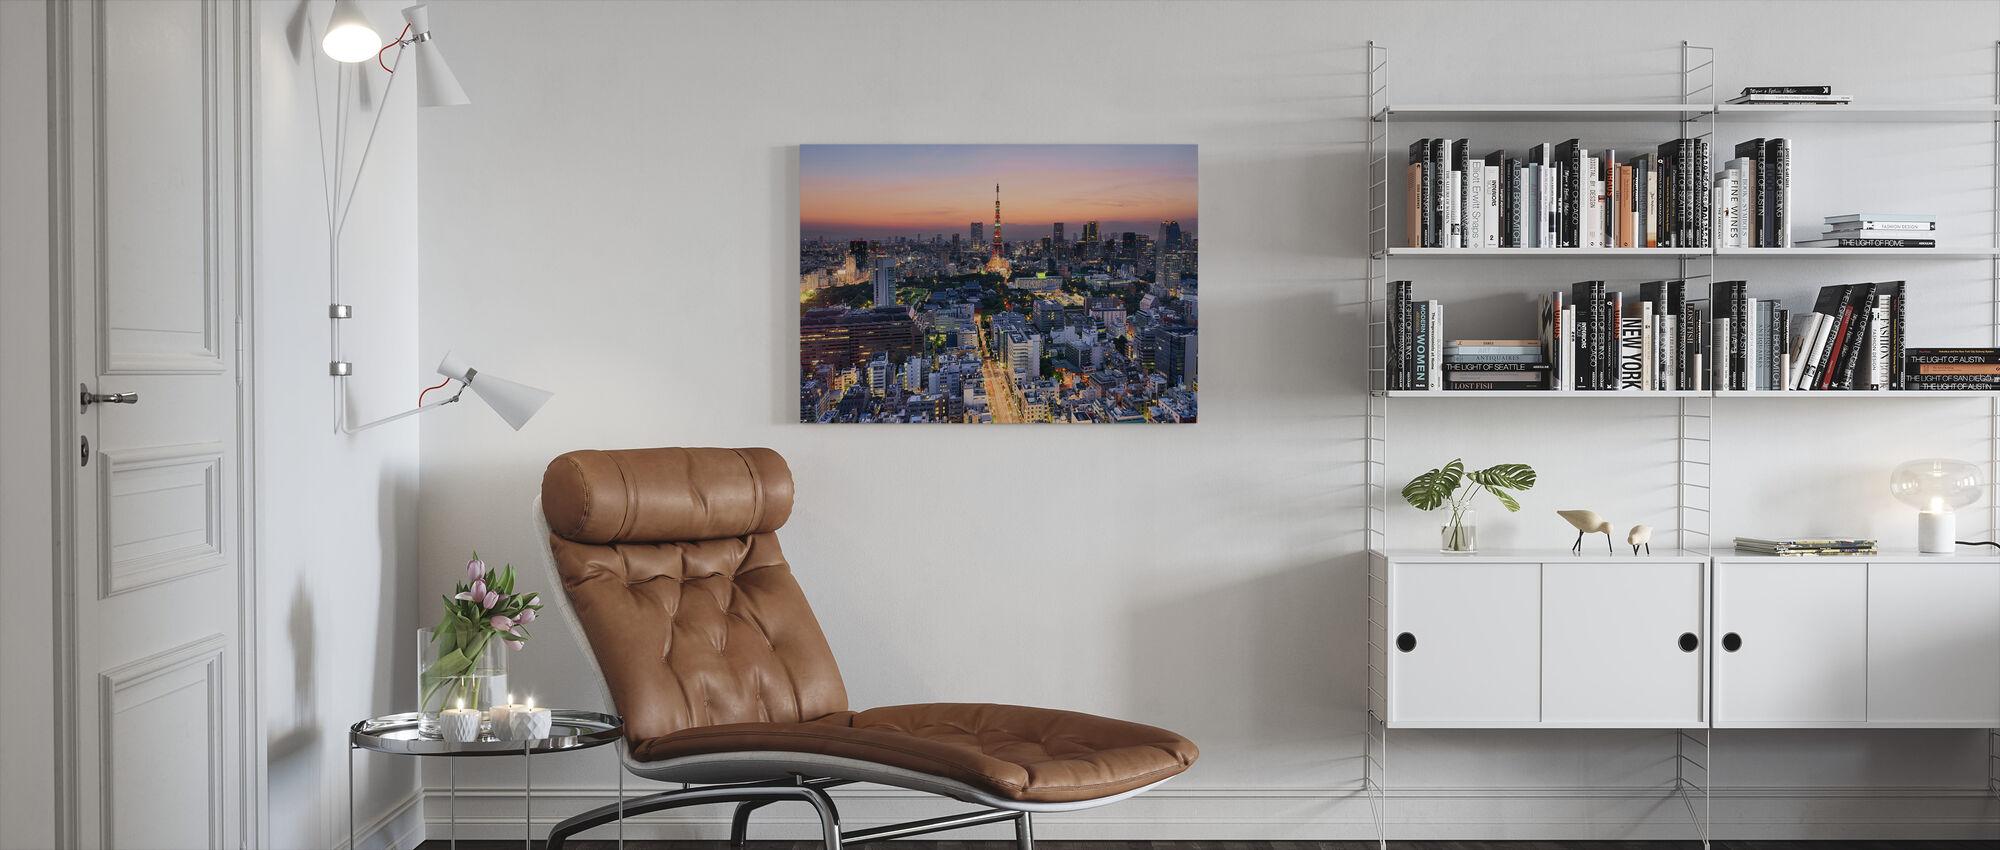 Tokio op een hete zomeravond - Canvas print - Woonkamer